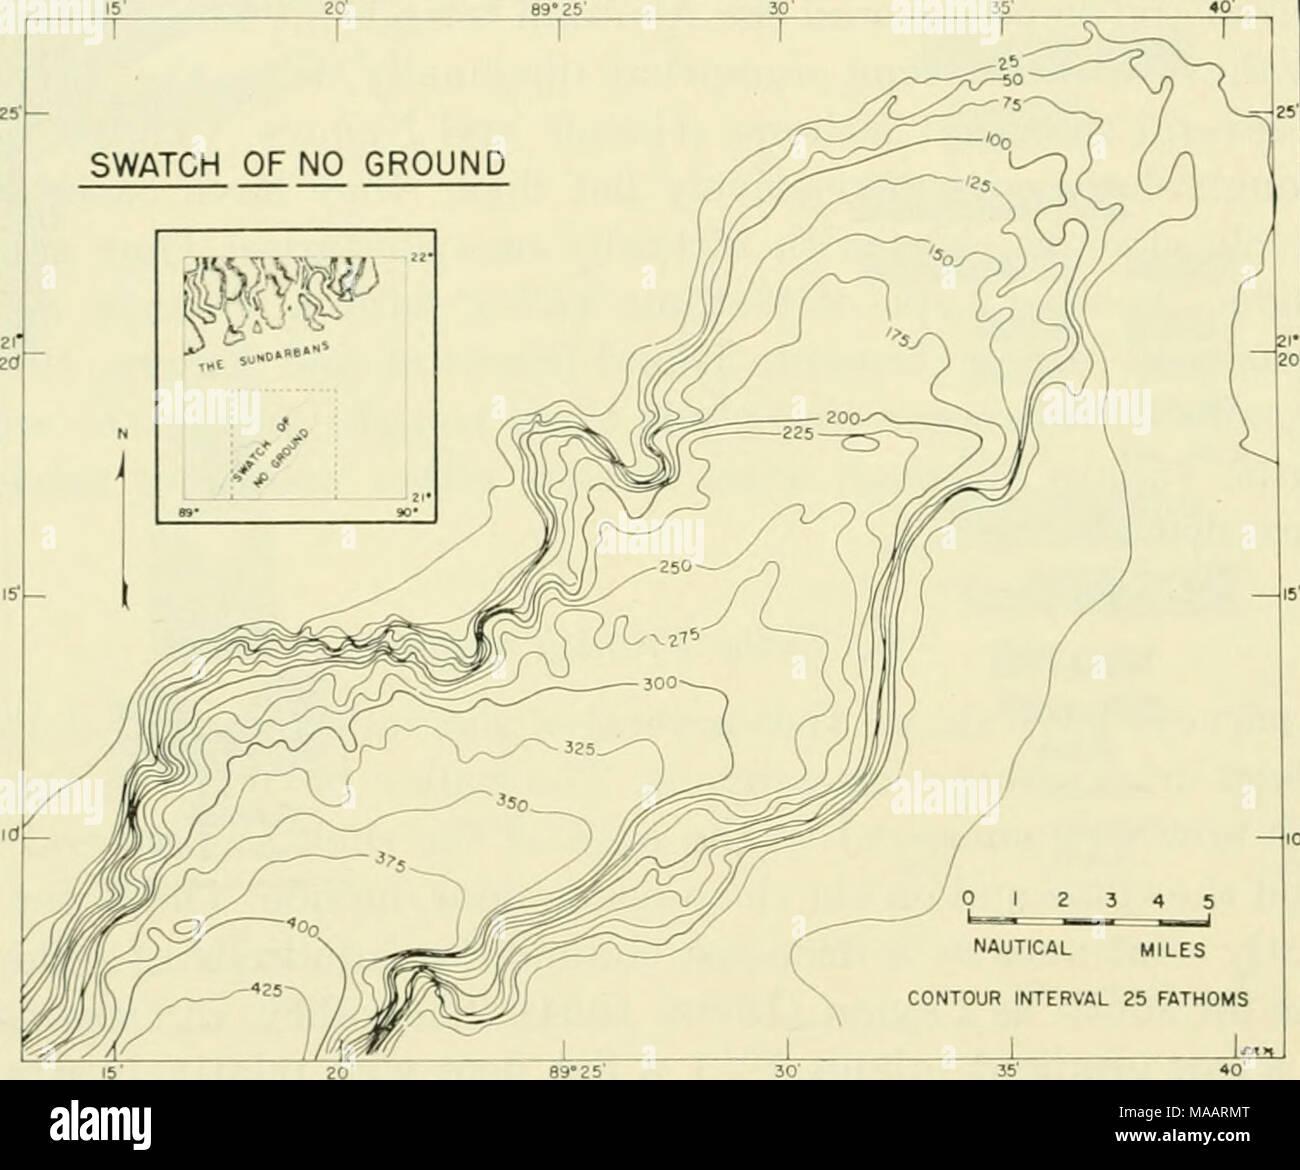 97bc32f209f5 La tierra debajo del mar   Historia . 0 12 3 4 5 MILLAS NÁUTICAS .